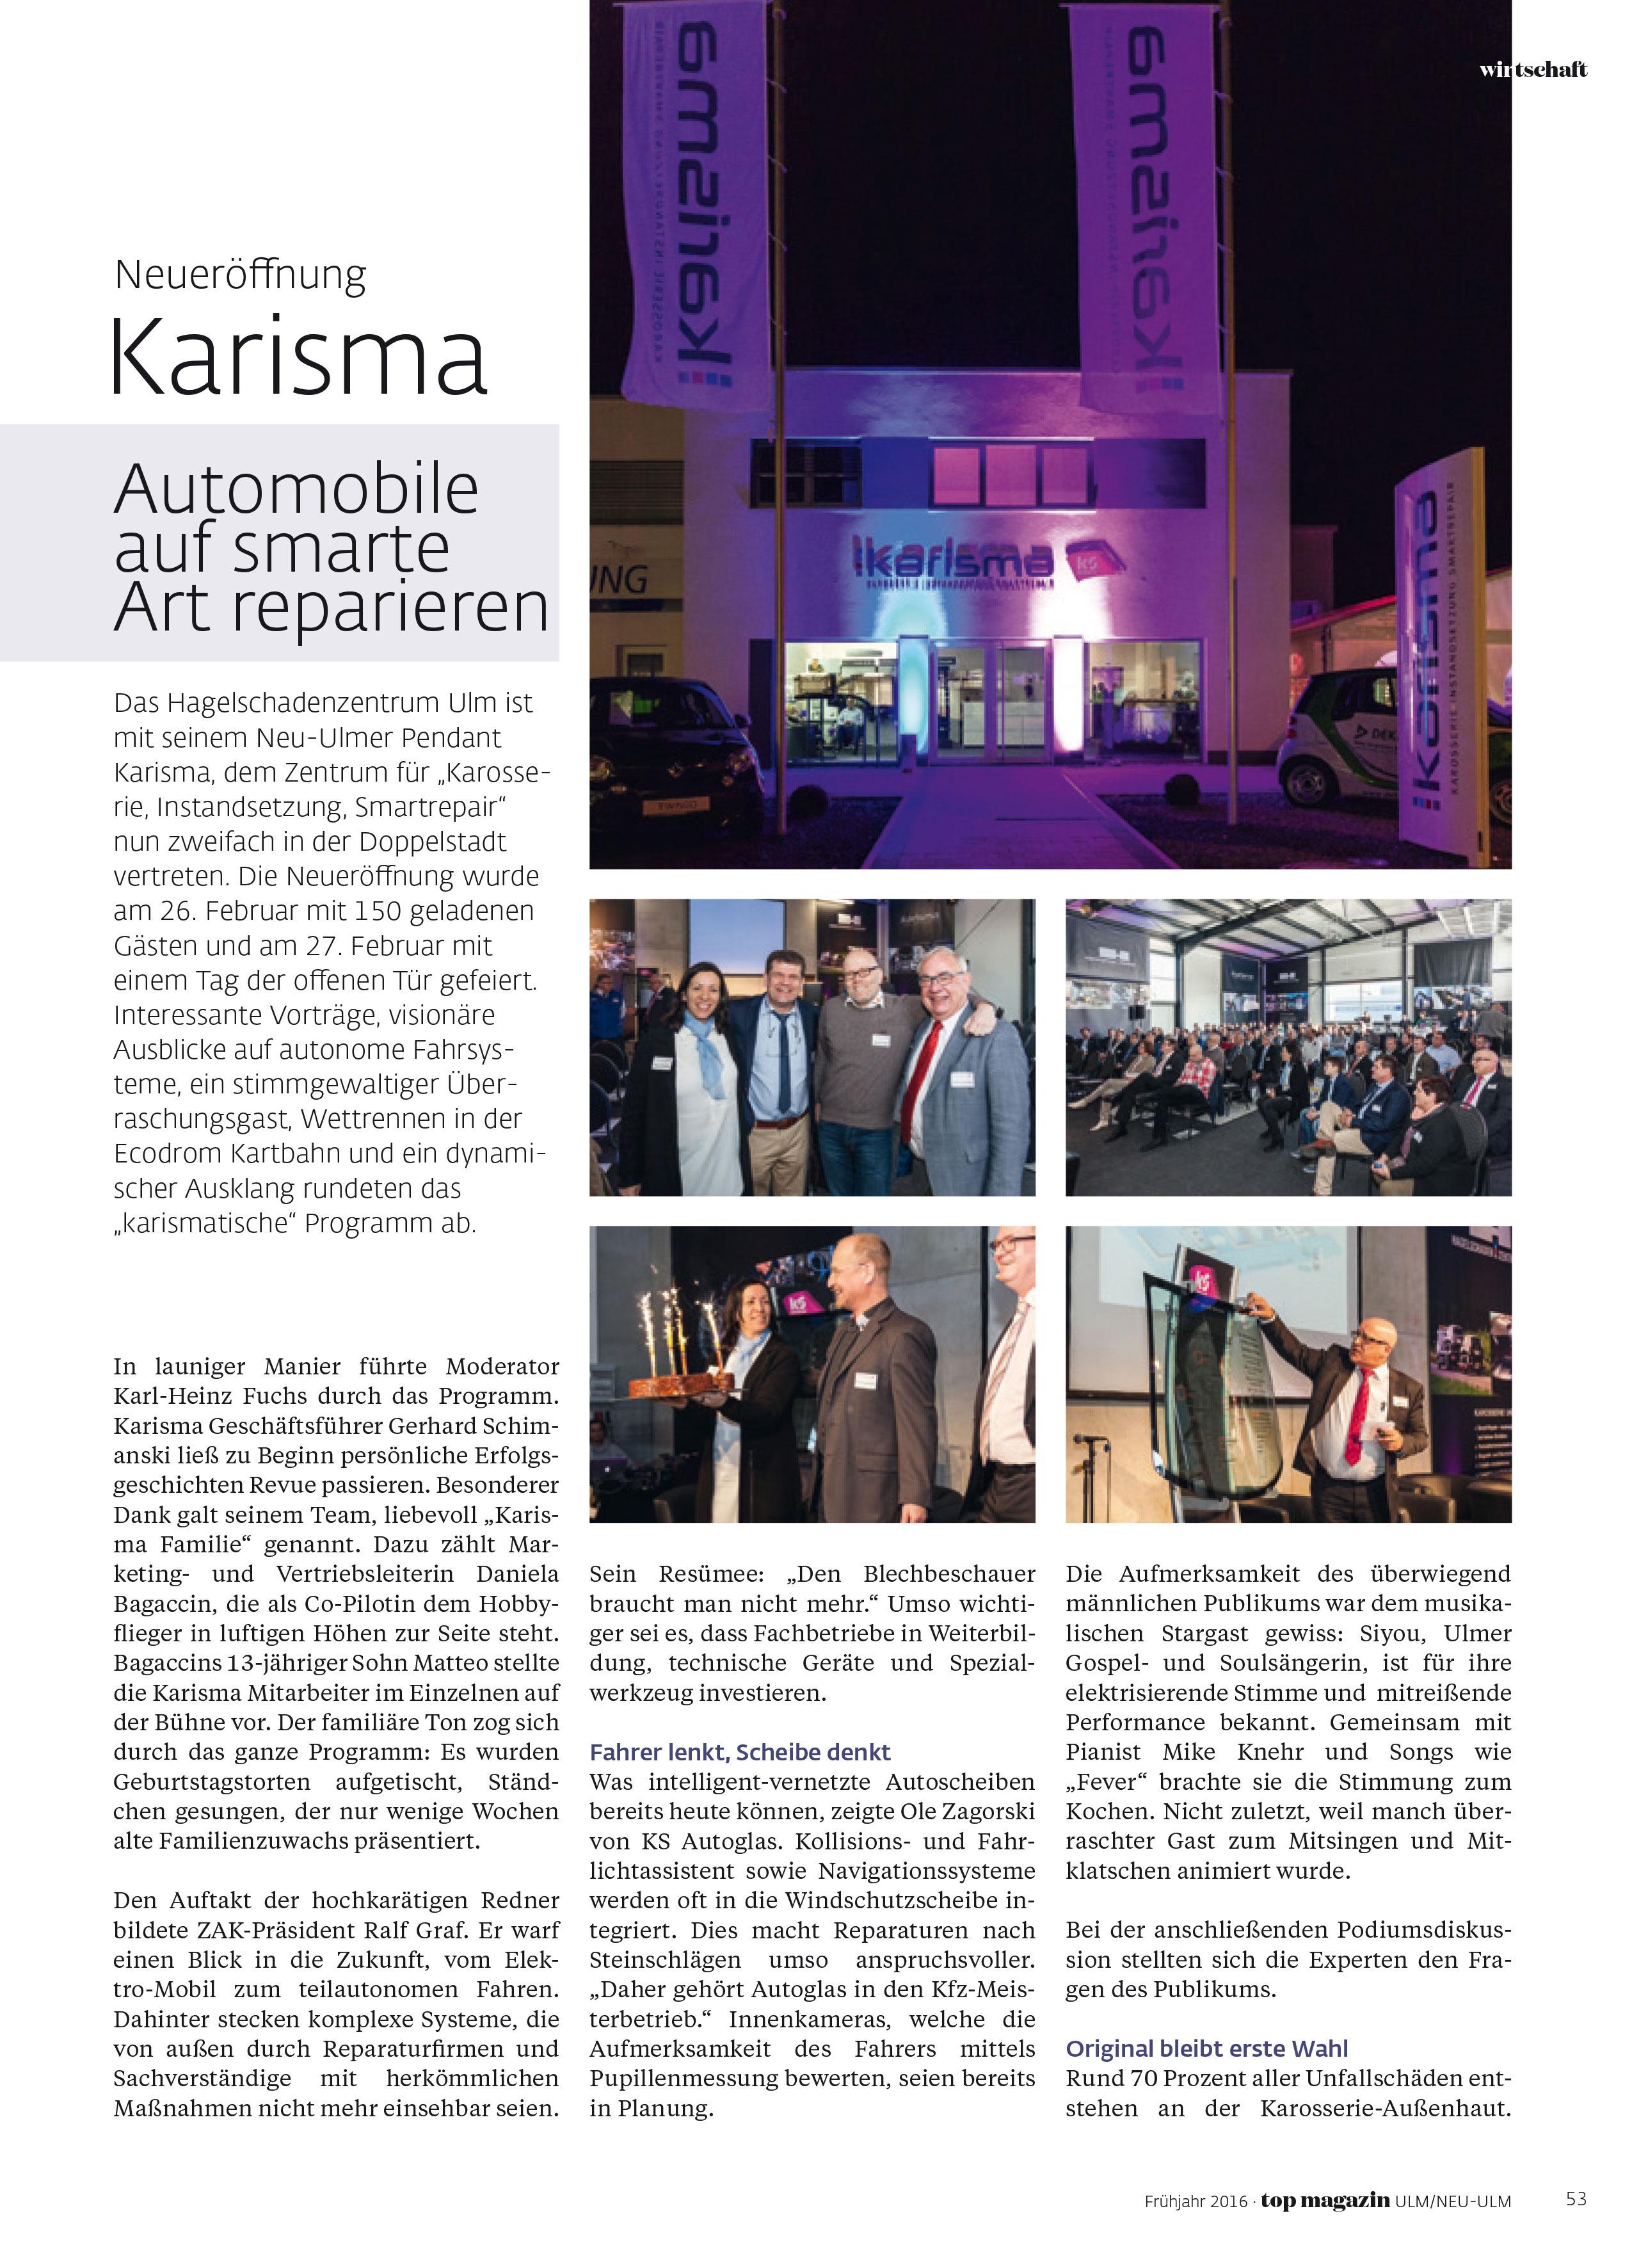 knu-presse-top-magazin-ulm-neueroeffnung-karisma-1